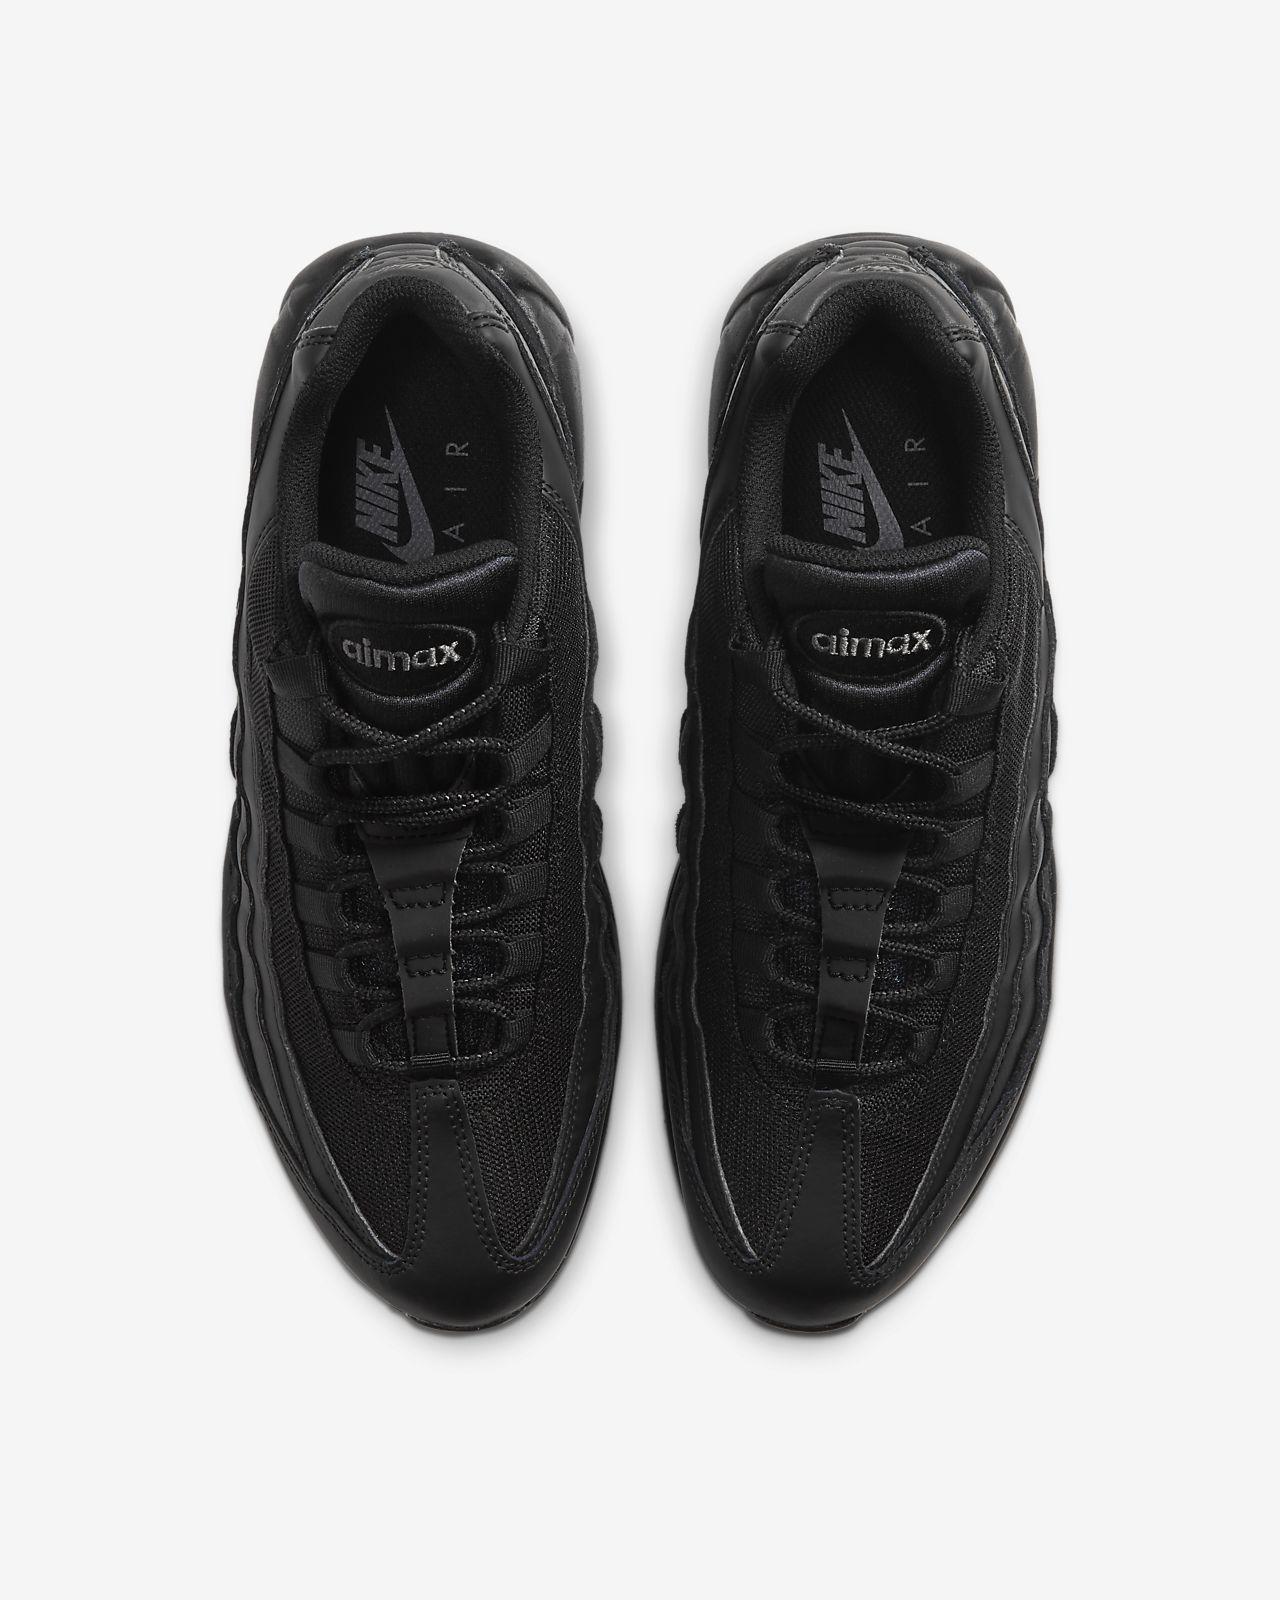 Air Max 95 All Black On Feet